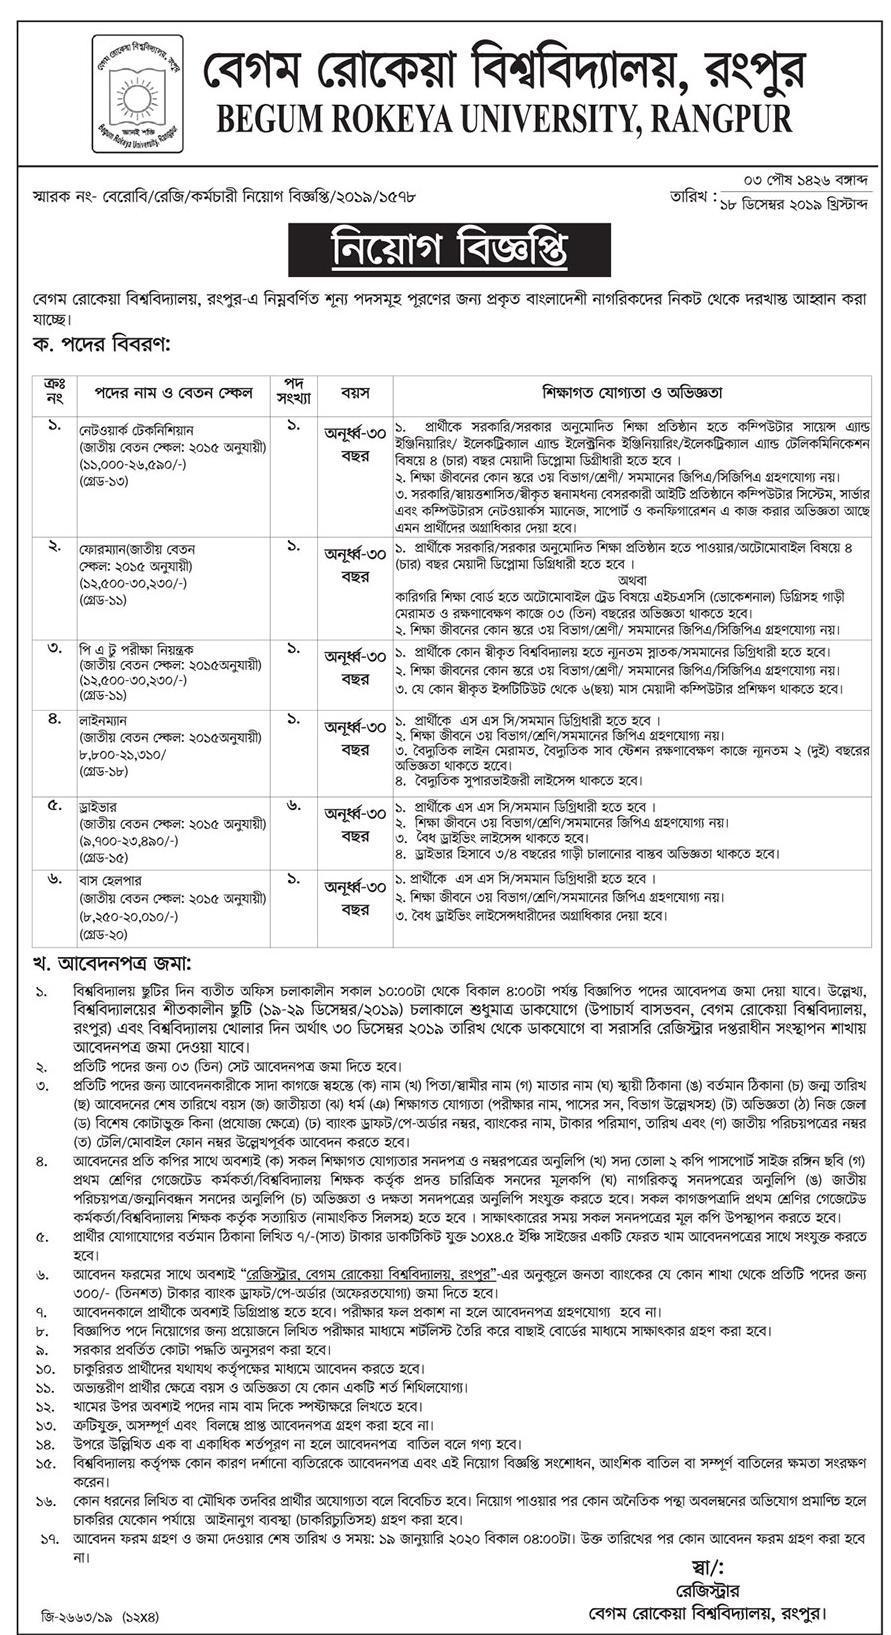 BRUR Job Circular 2019 - brur.ac.bd